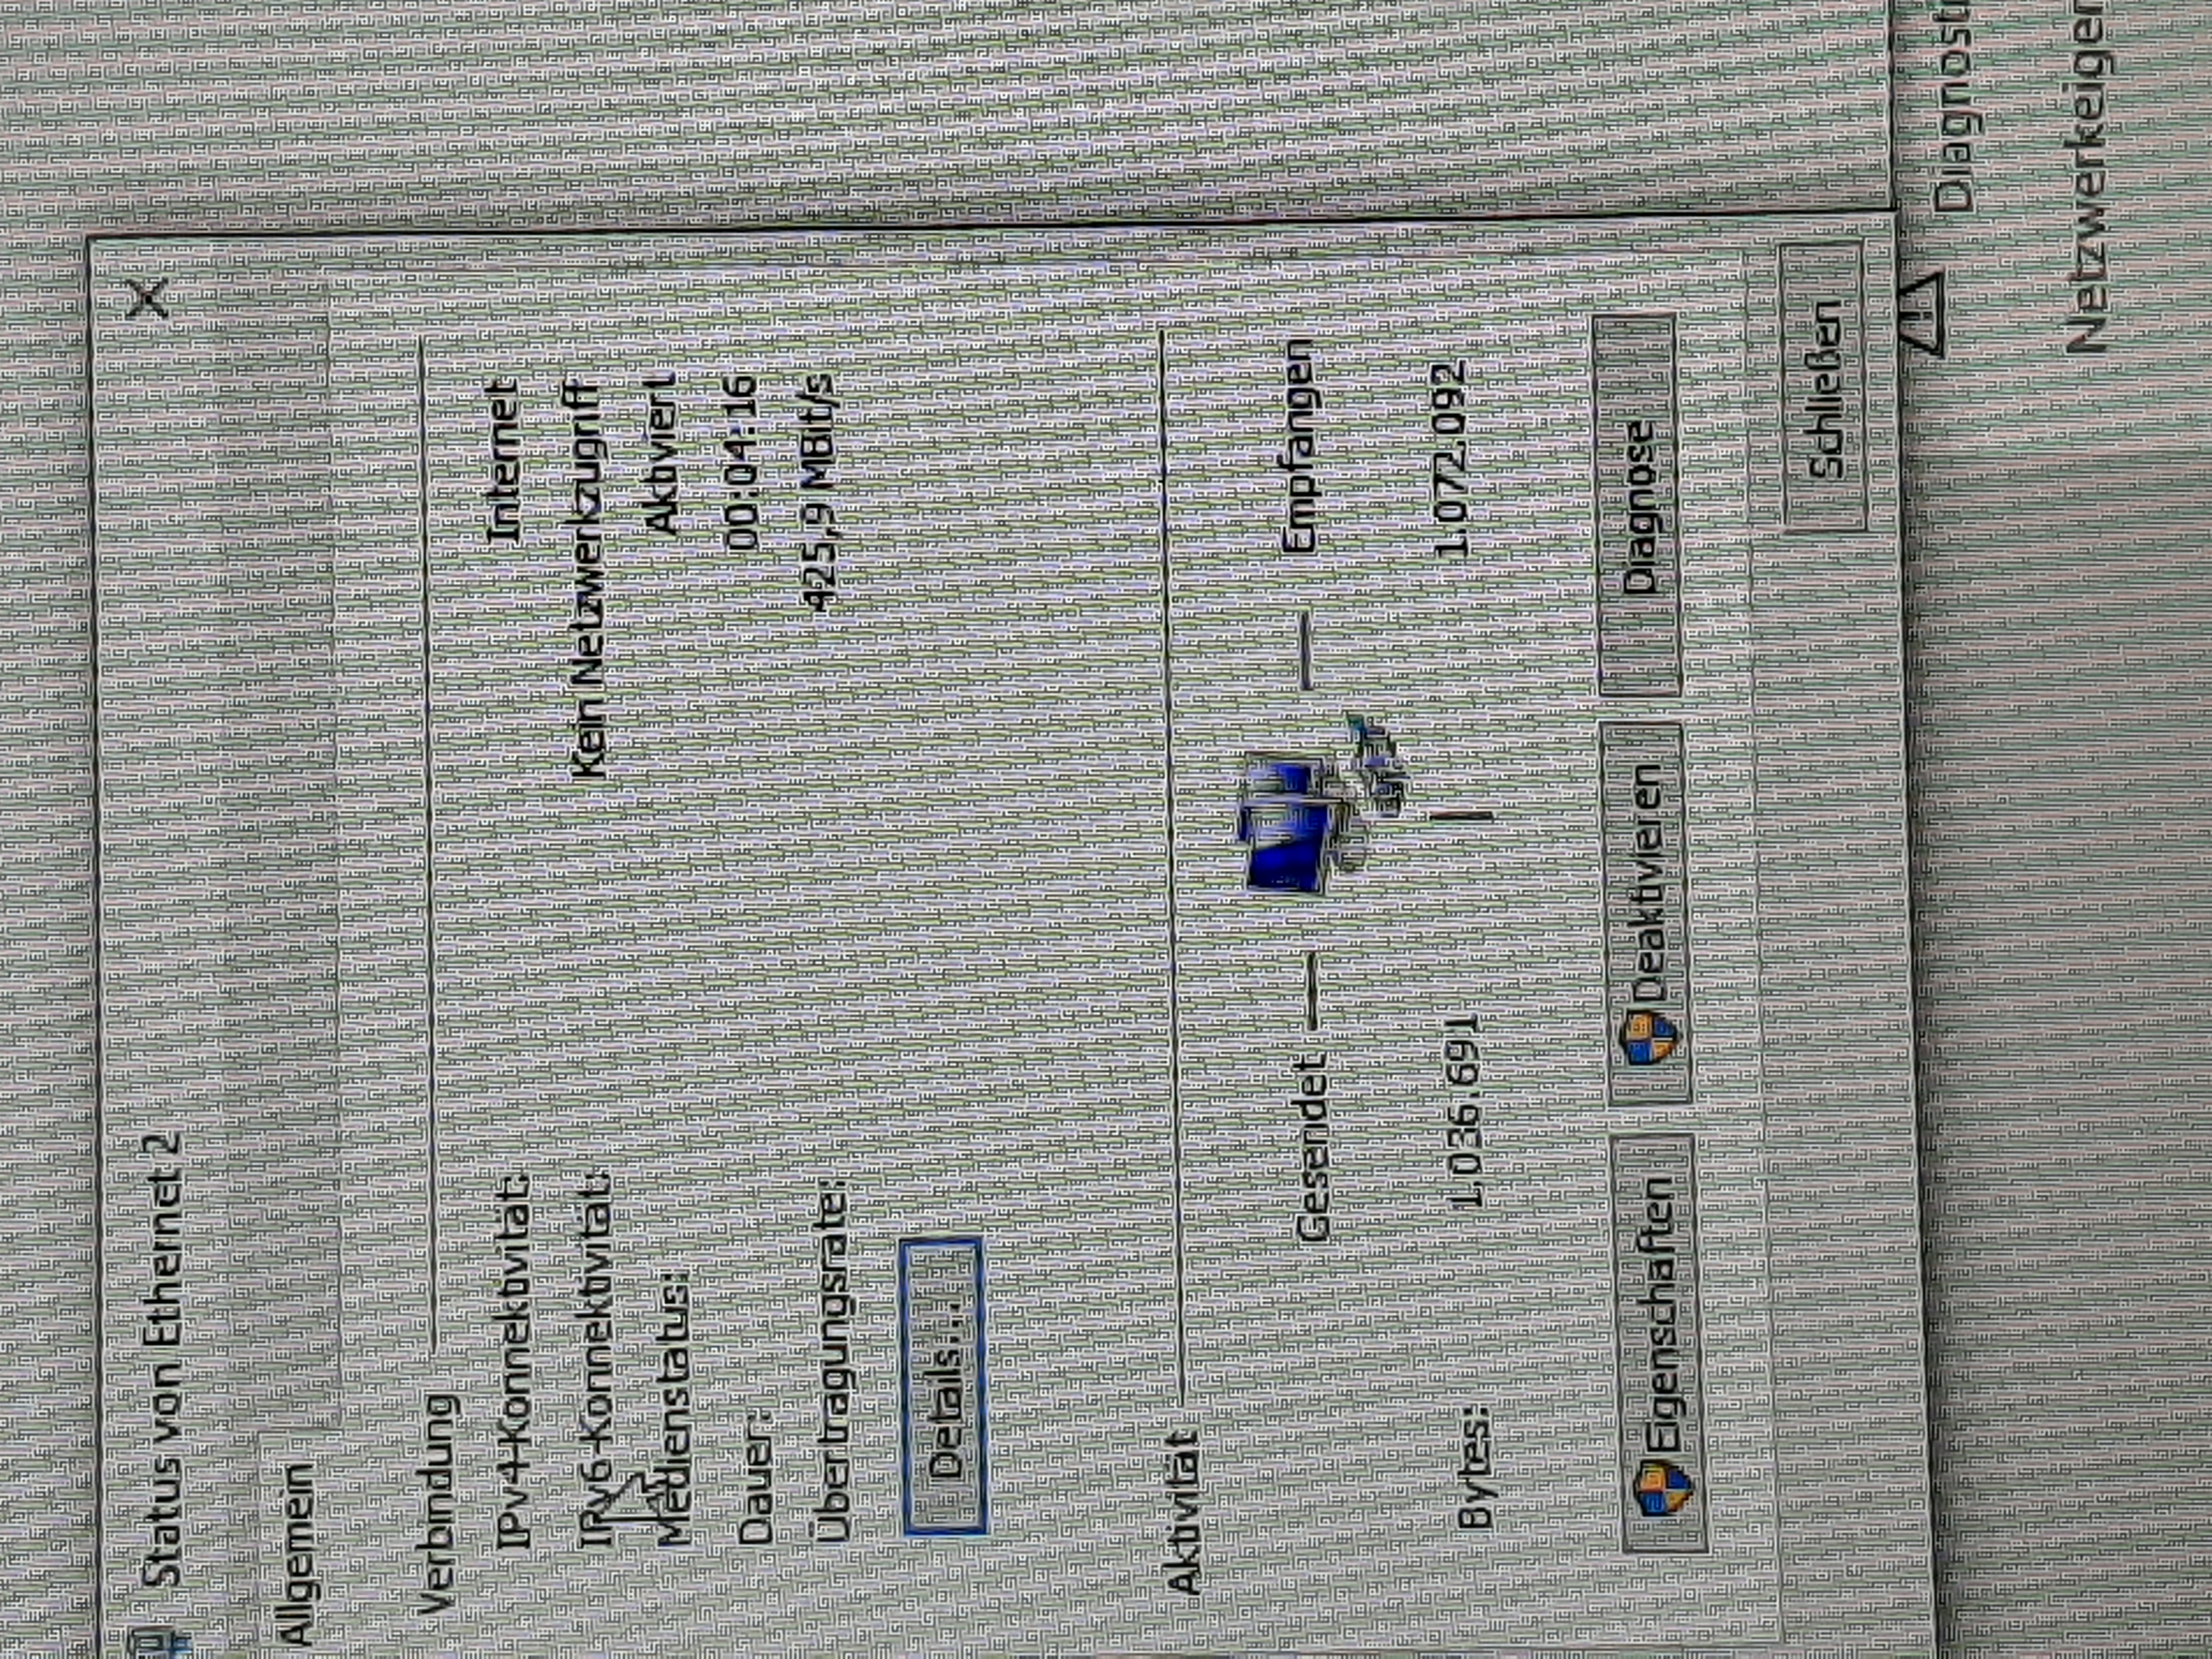 Kein  Netzwerkzugriff iPv6